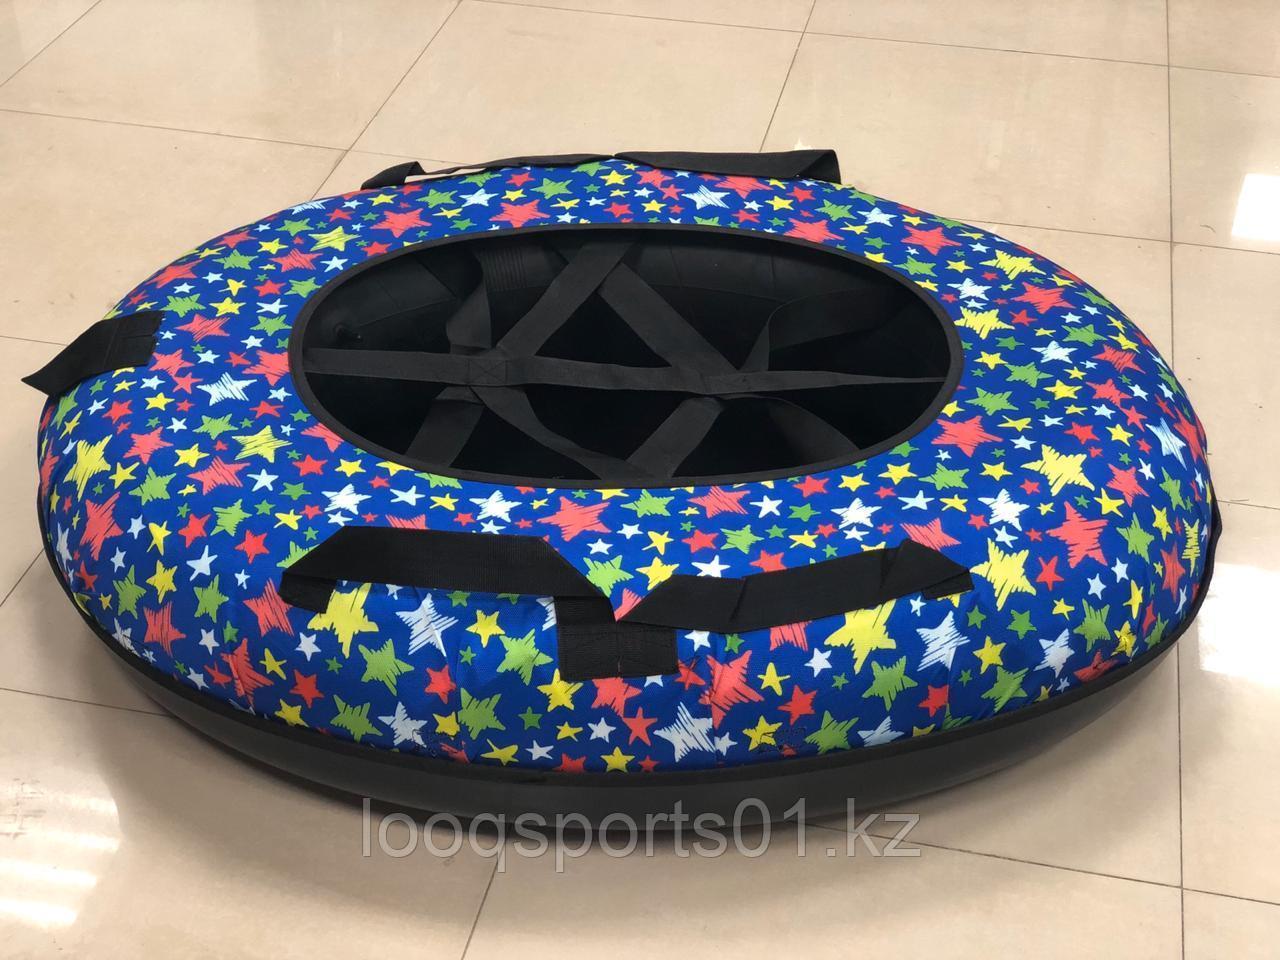 Тюбинг с пластиковым дном (круг) ватрушка надувной для катания 120 см